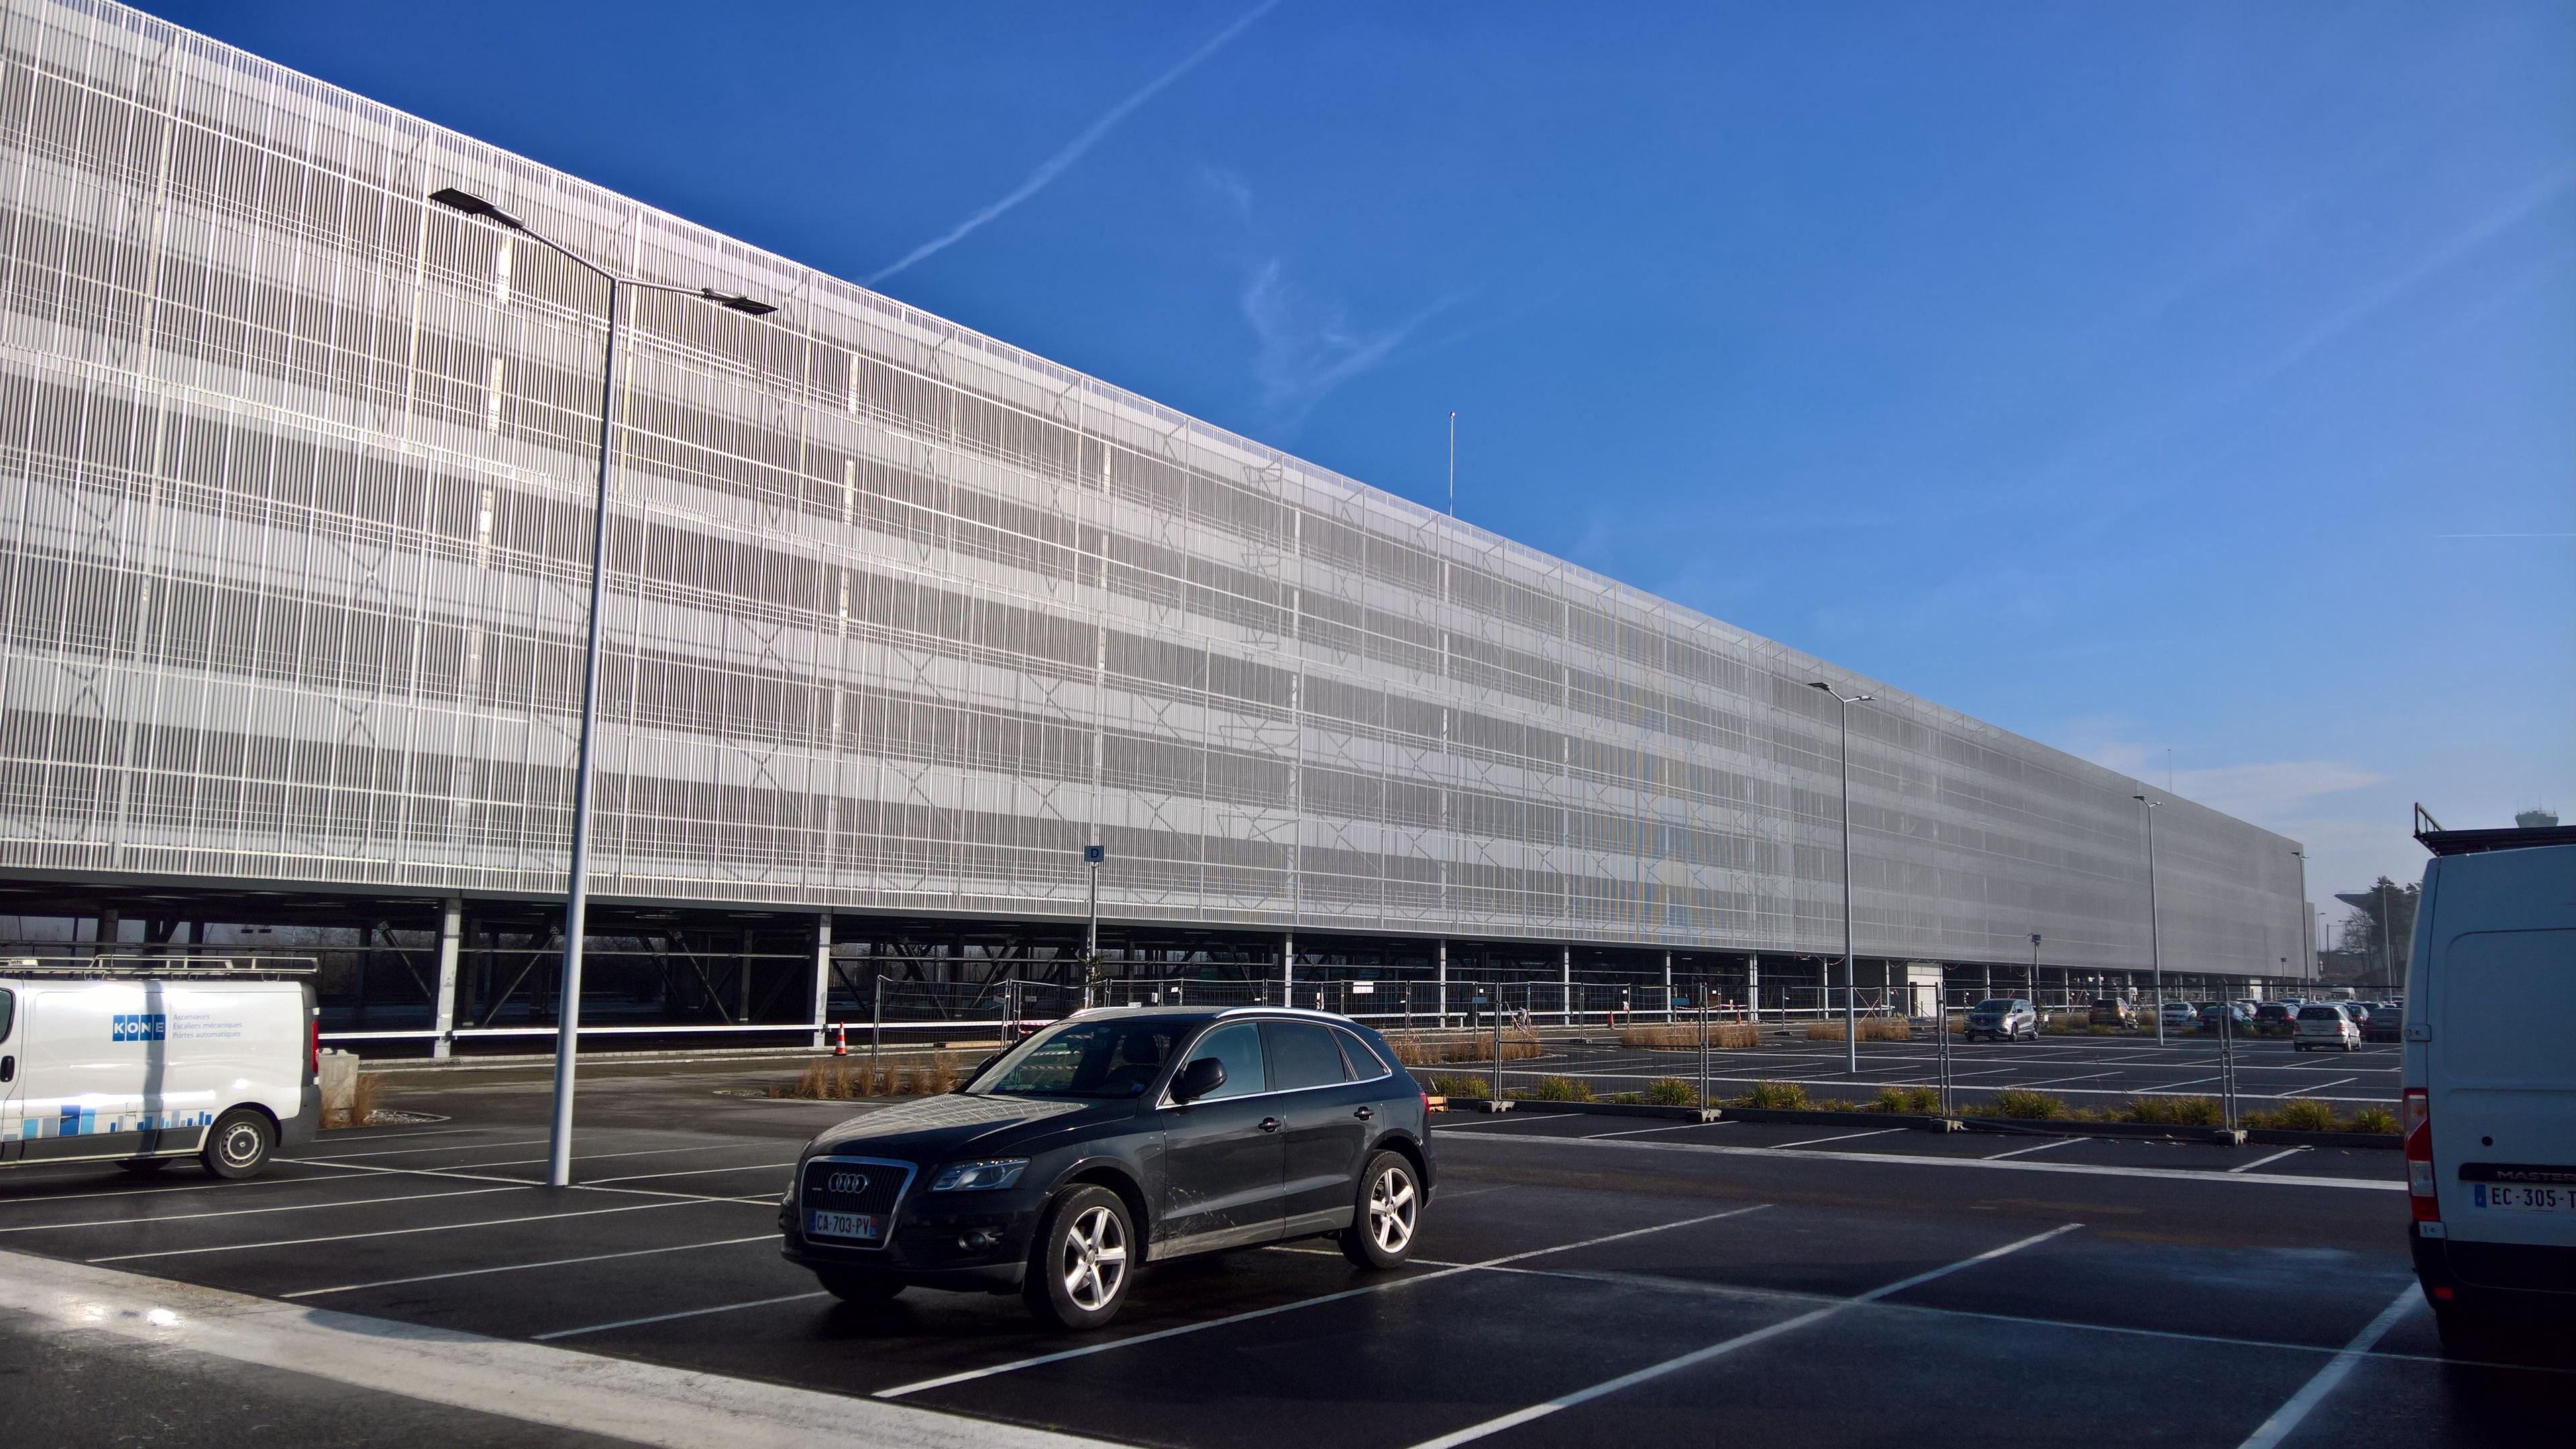 Gommage de béton à l'EuroAirport Basel Mulhouse Freiburg